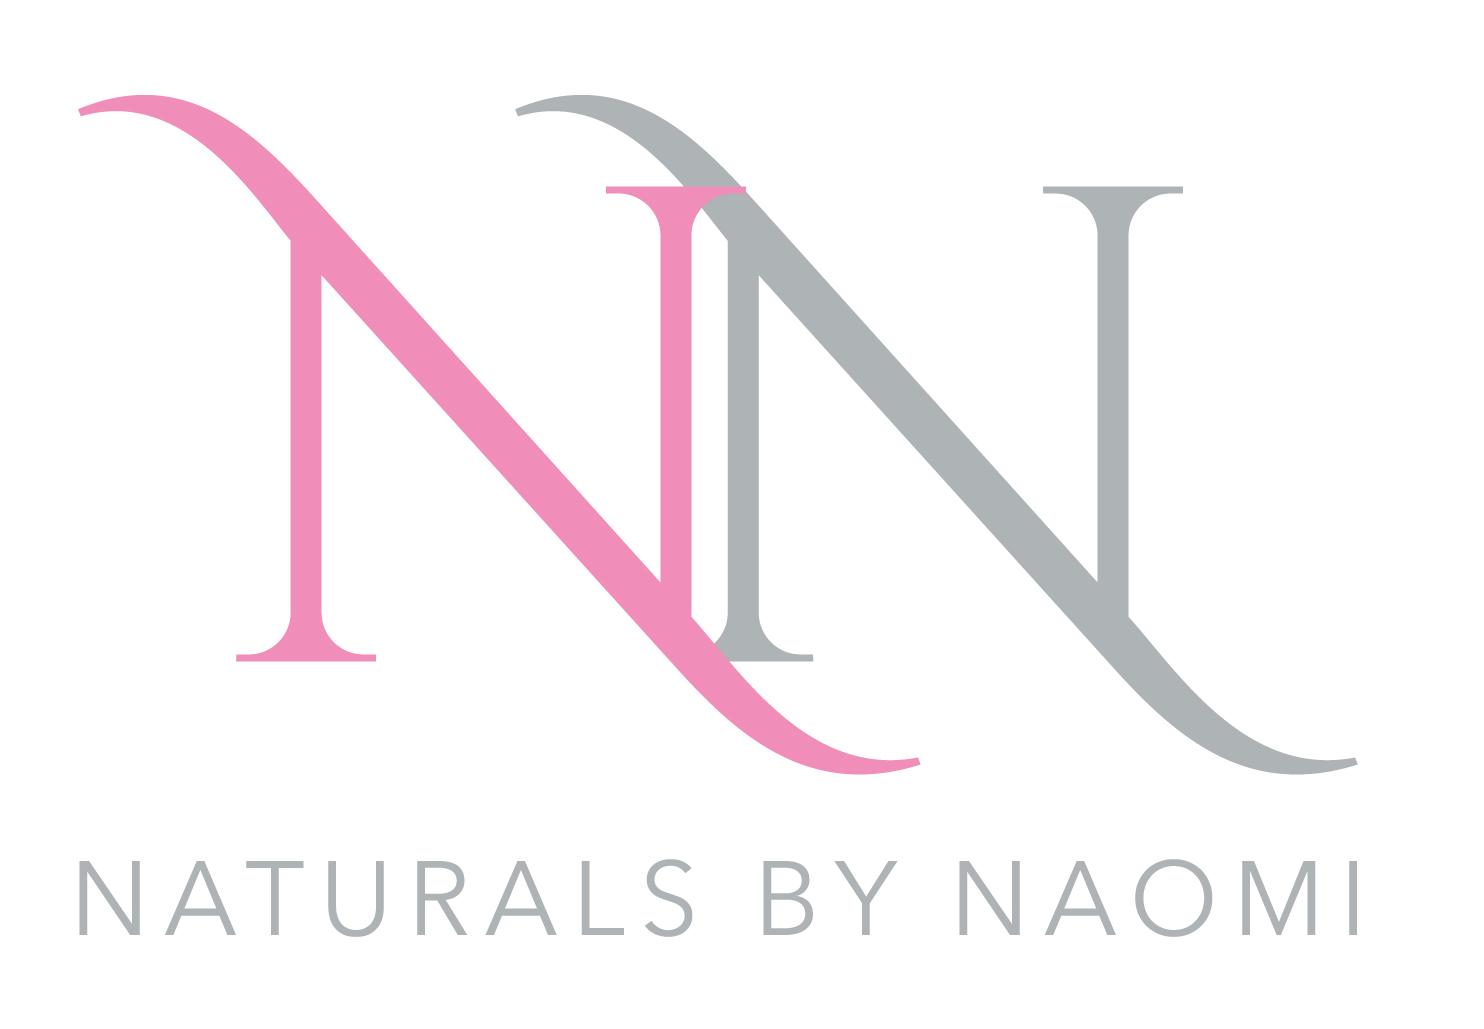 Naturals by Naomi